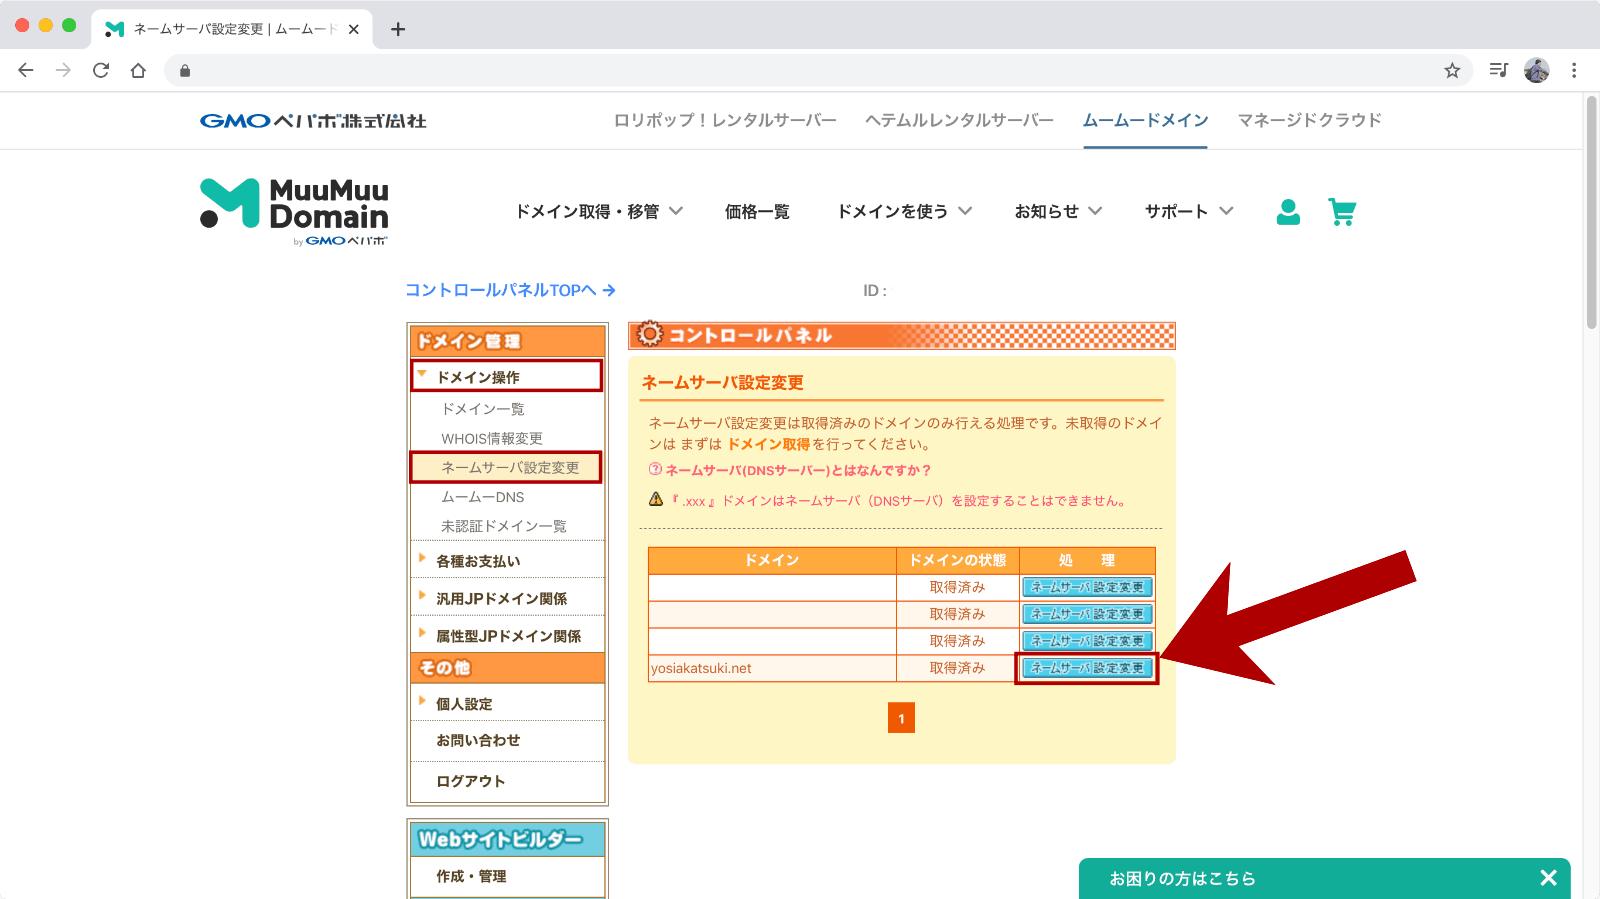 ムームードメインの管理画面にログインして、ネームサーバーの設定を開く